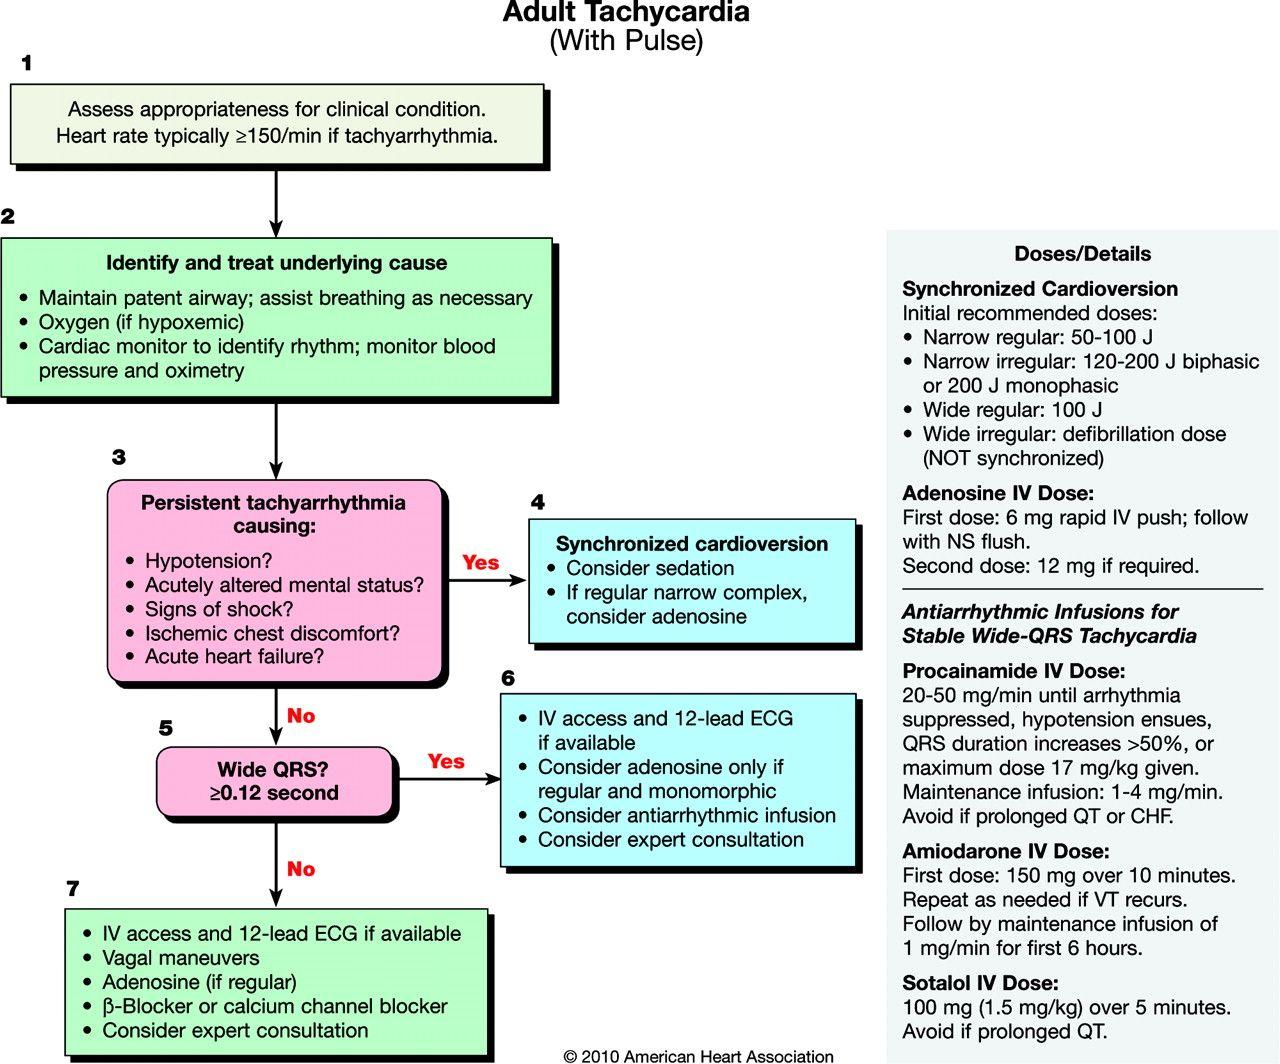 Adult tachycardia with pulse aclsbls pinterest flowchart acls rhythms algorithms adult tachycardia with pulse nvjuhfo Gallery